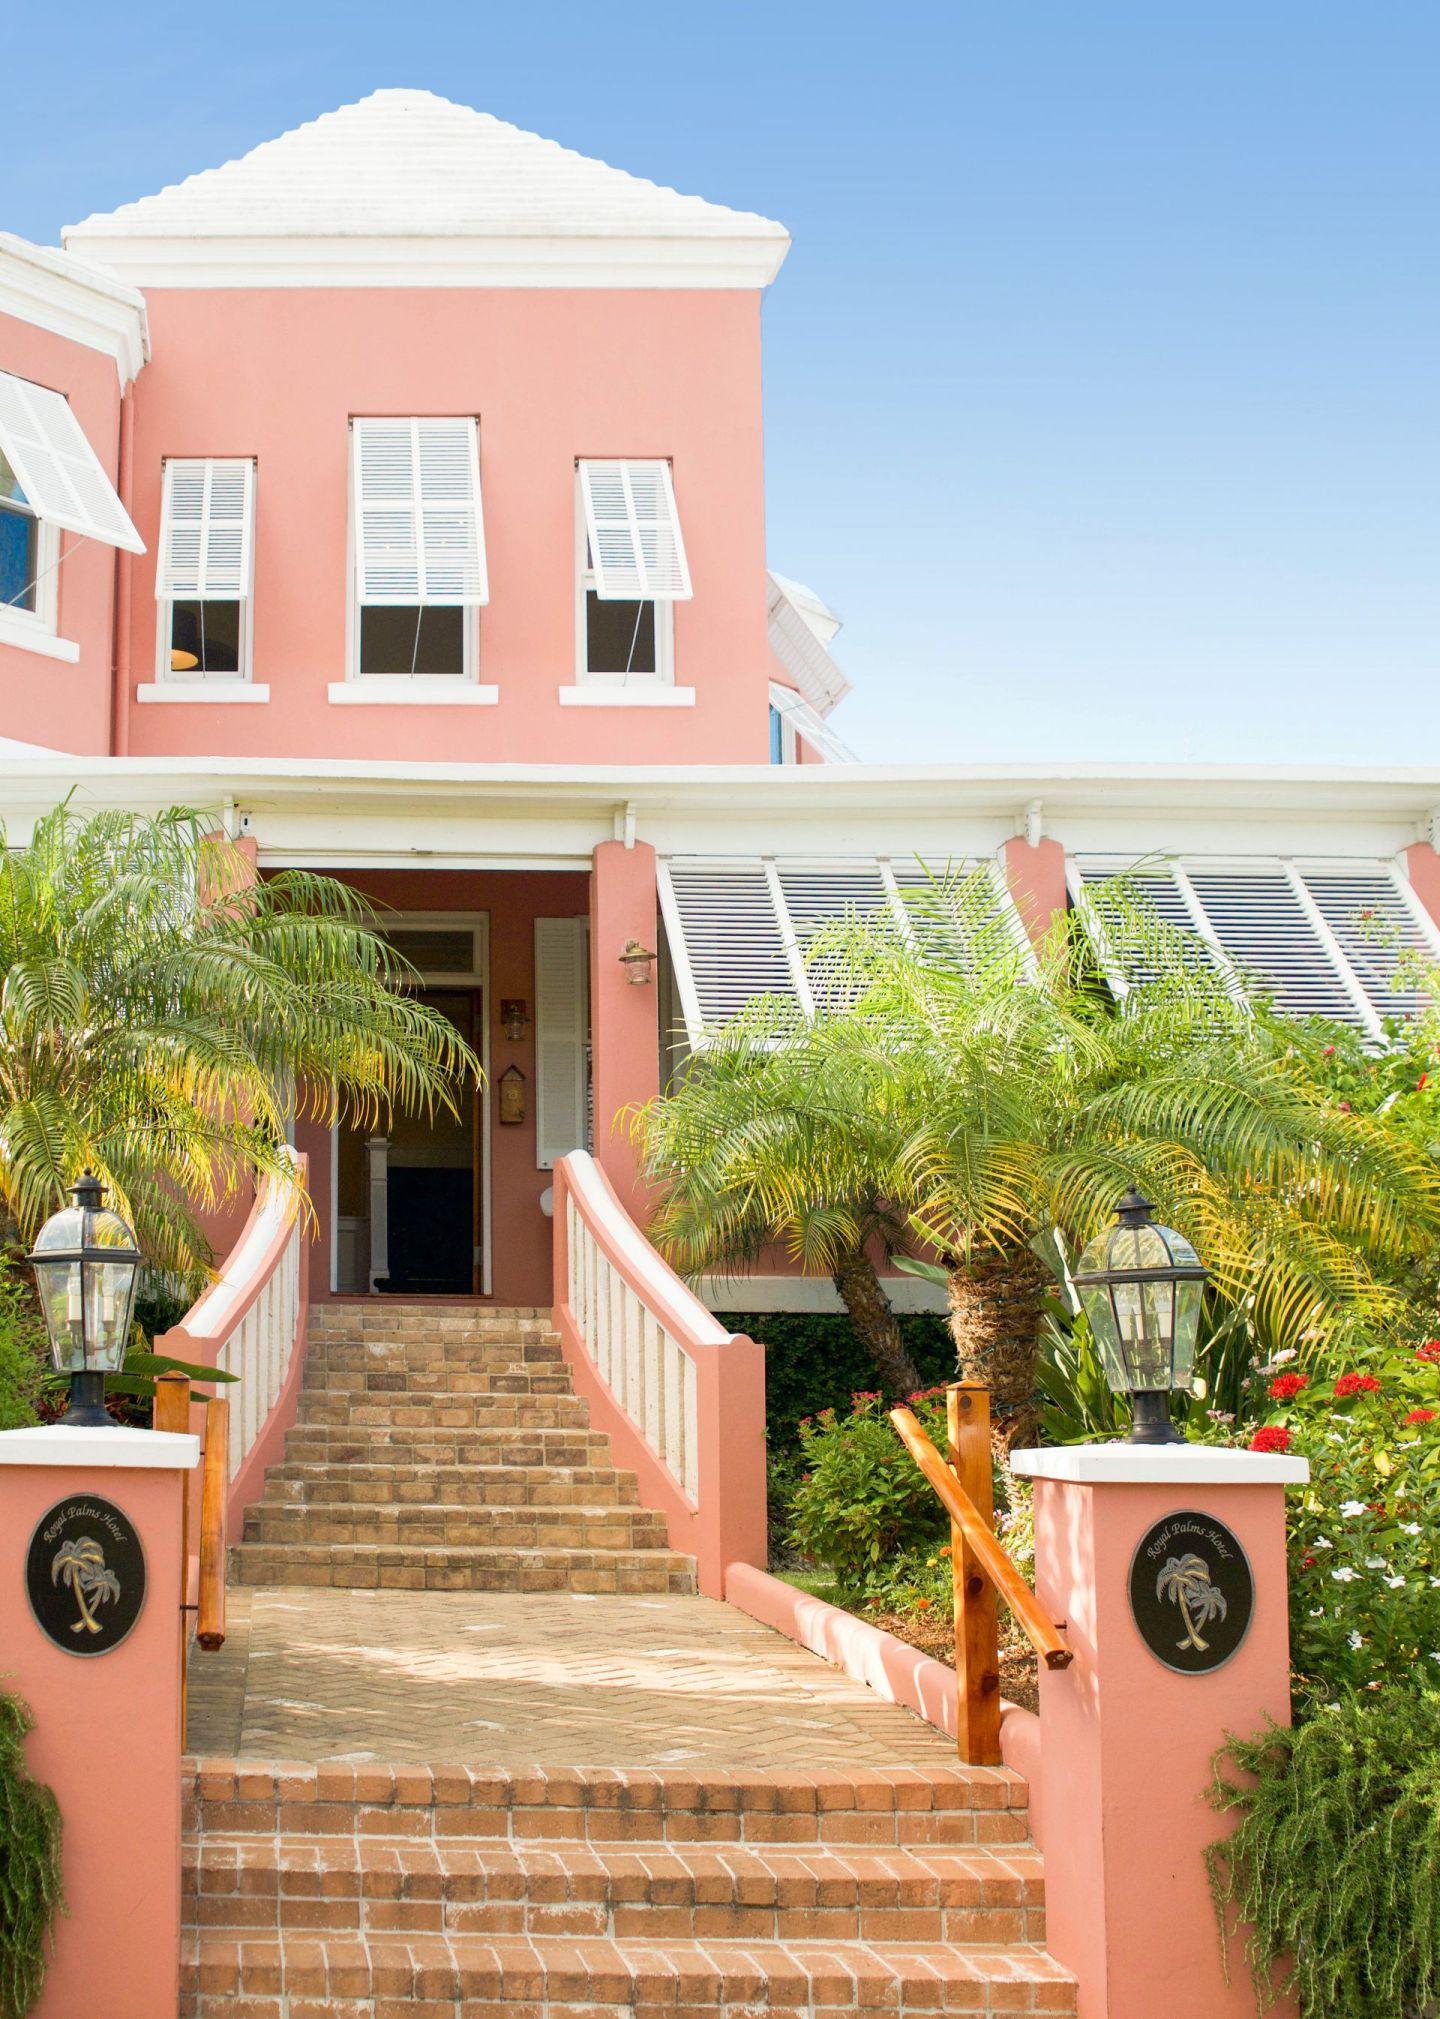 weekend in bermuda - royal palms hotel bermuda